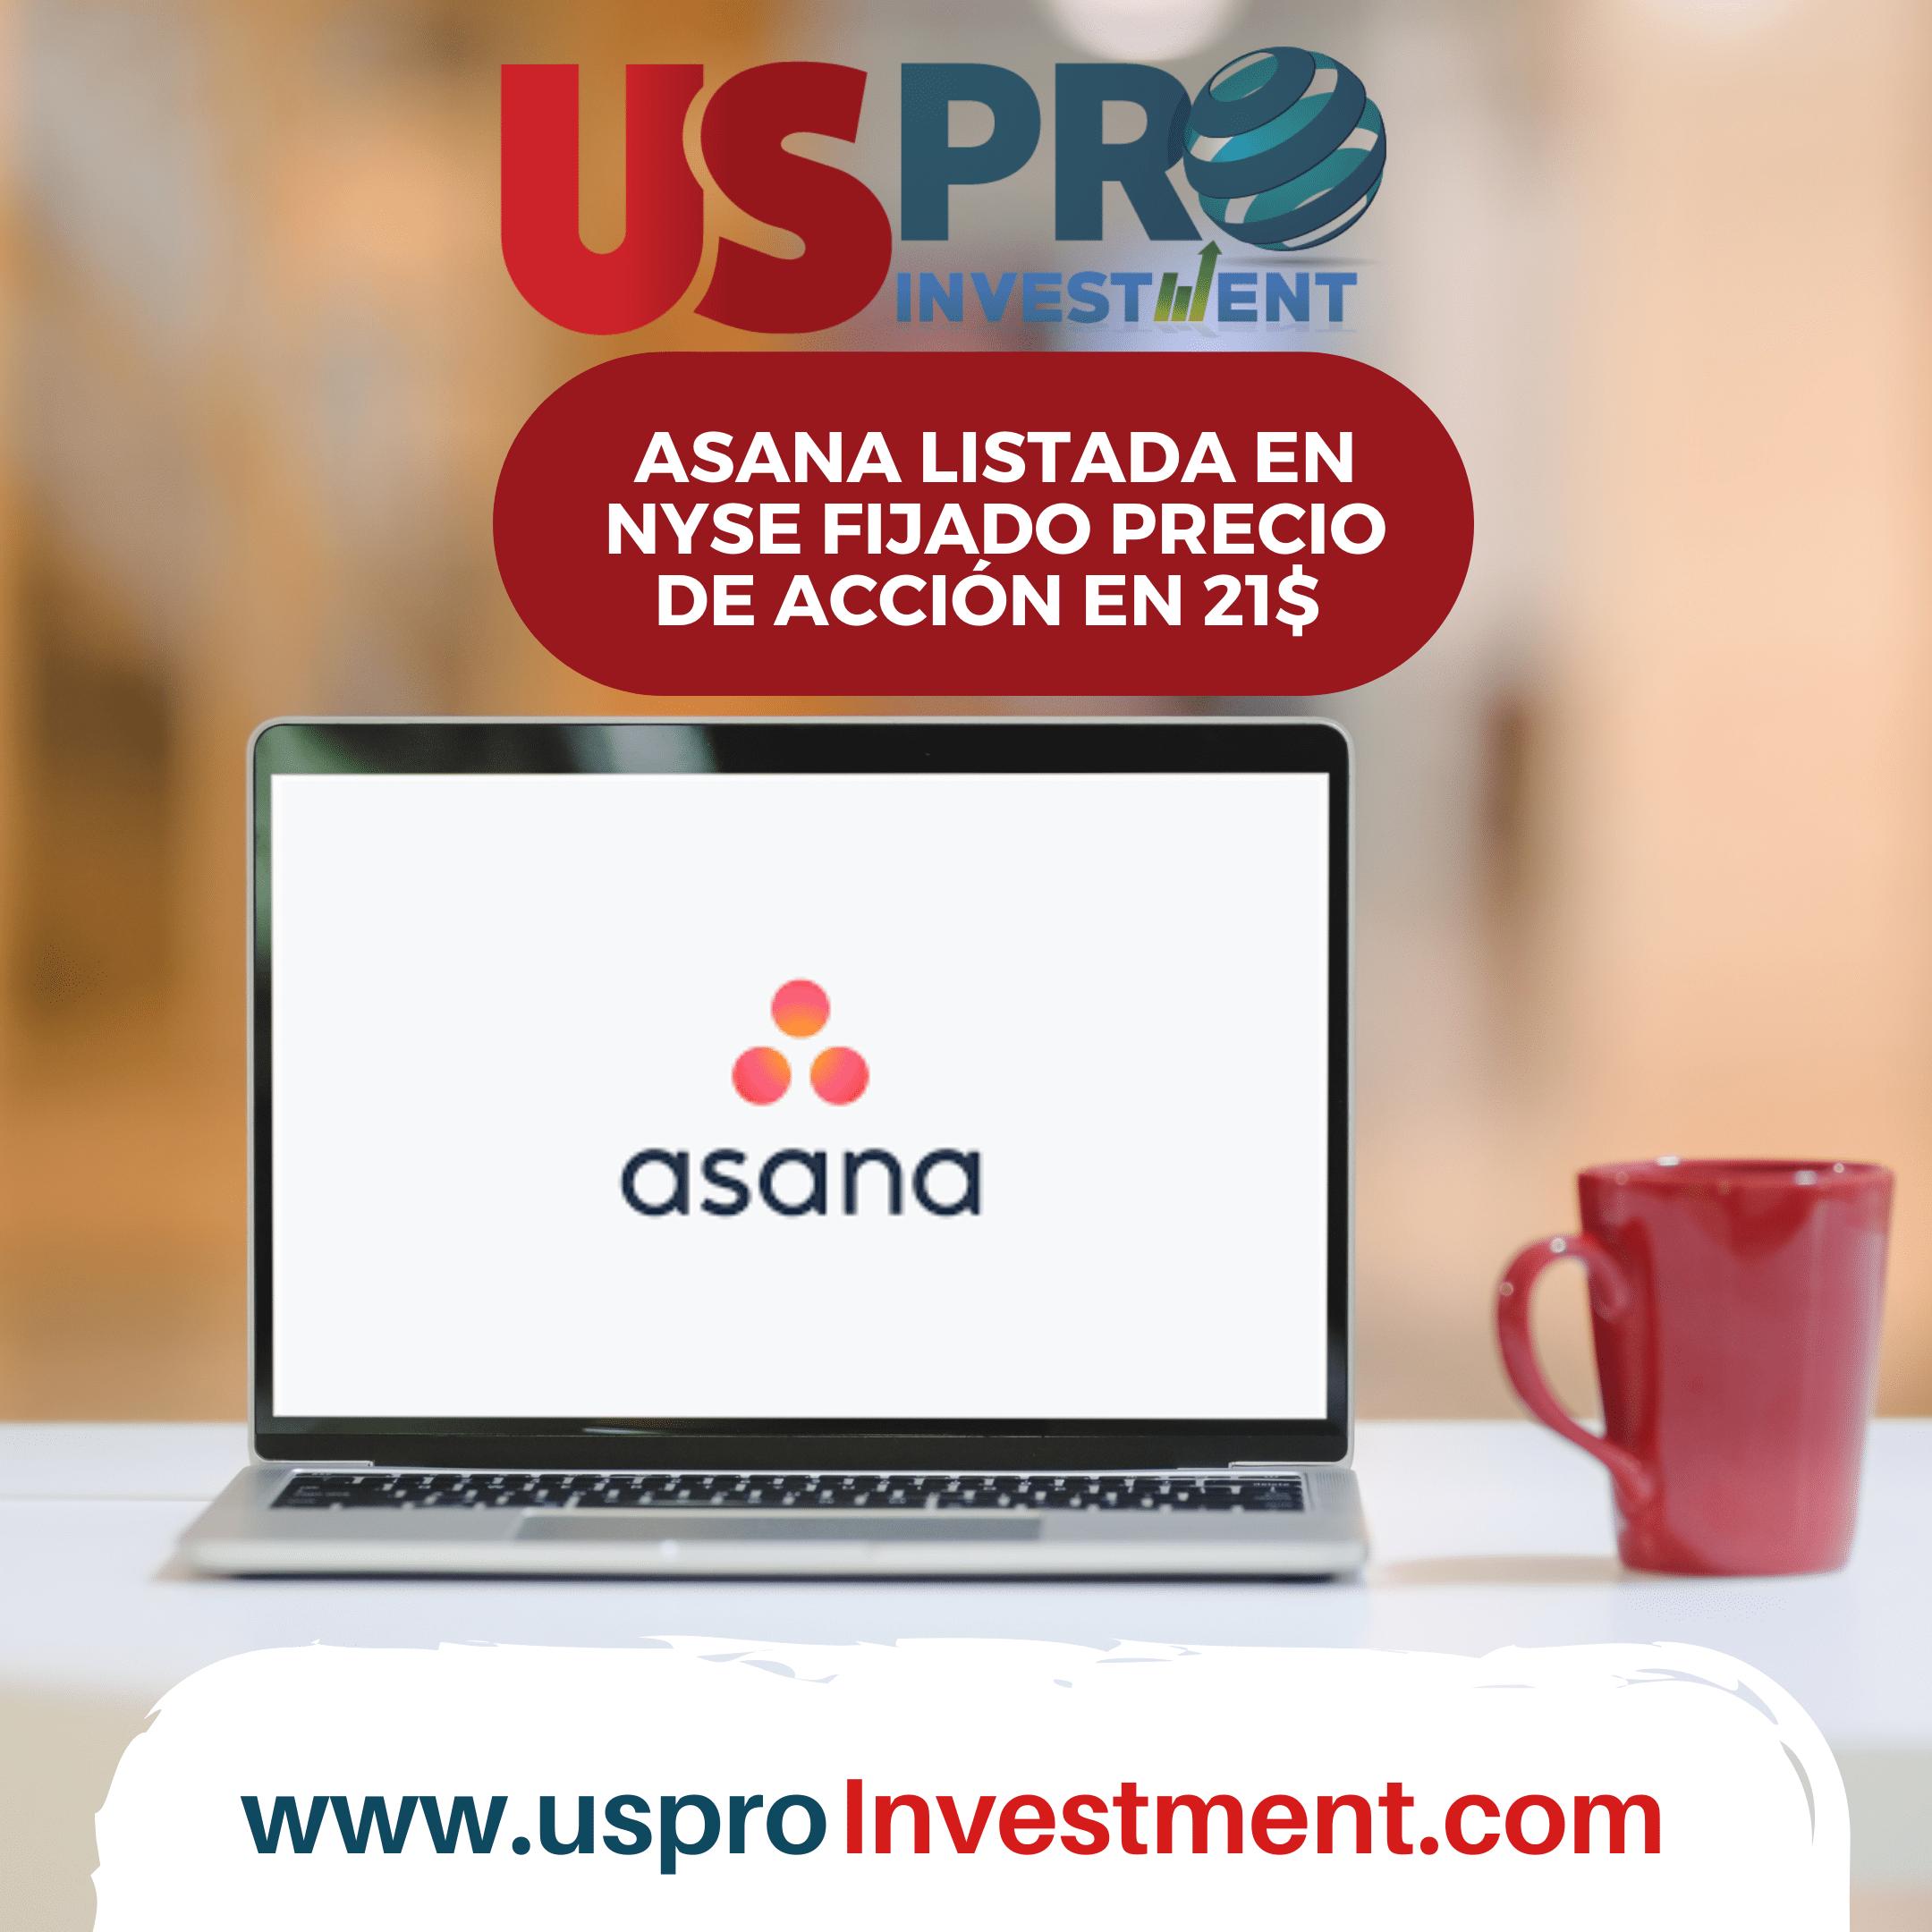 Asana listada en el NYSE y fijado su precio en 21$